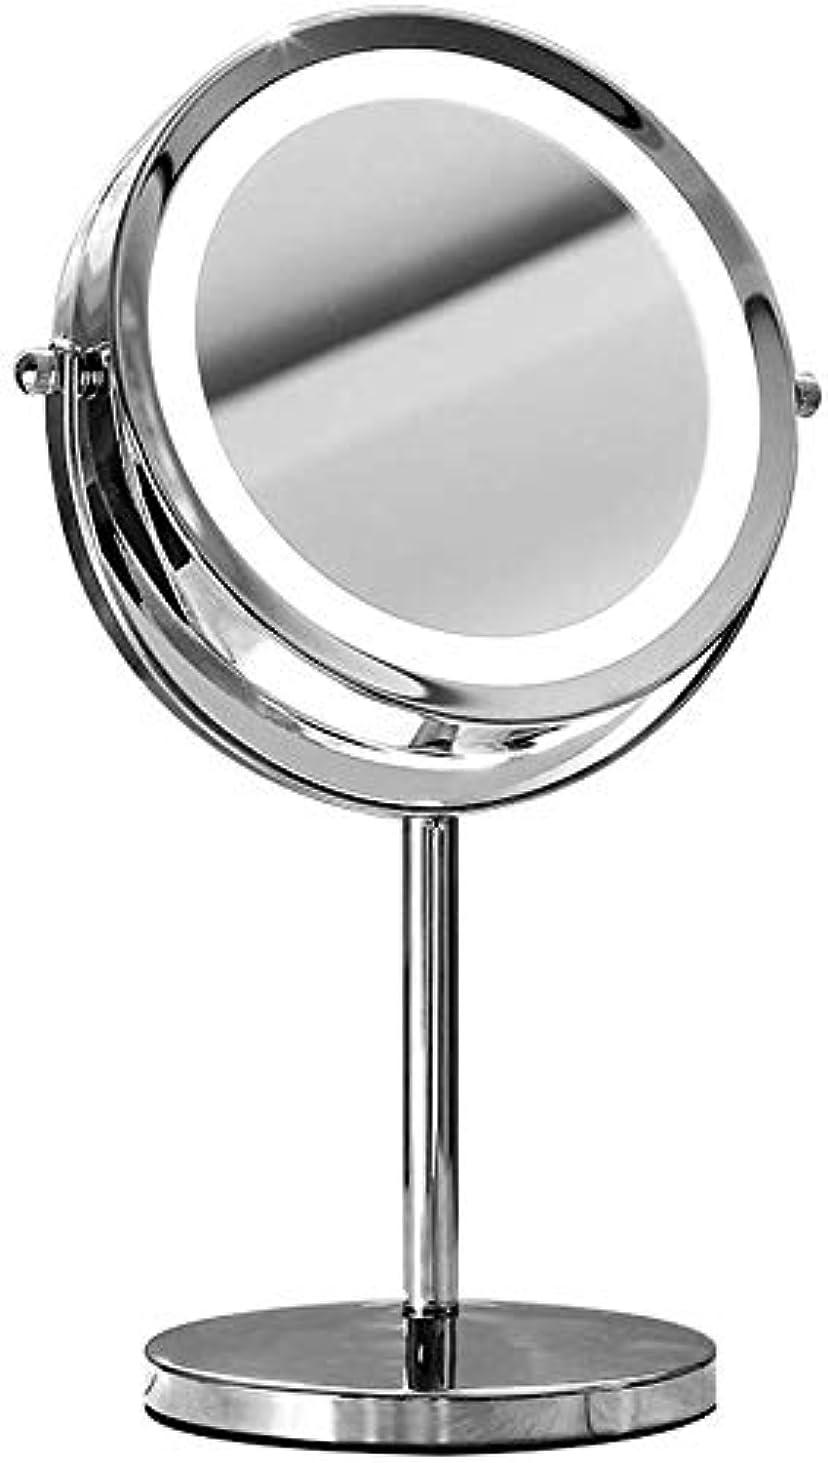 引き出し宇宙のコモランマCXMHZJ 両面化粧鏡を備えた光と3X卓上ミラー、照明付き化粧鏡、ポータブル高精細化粧ライトアップアップミラー H4Z0J2